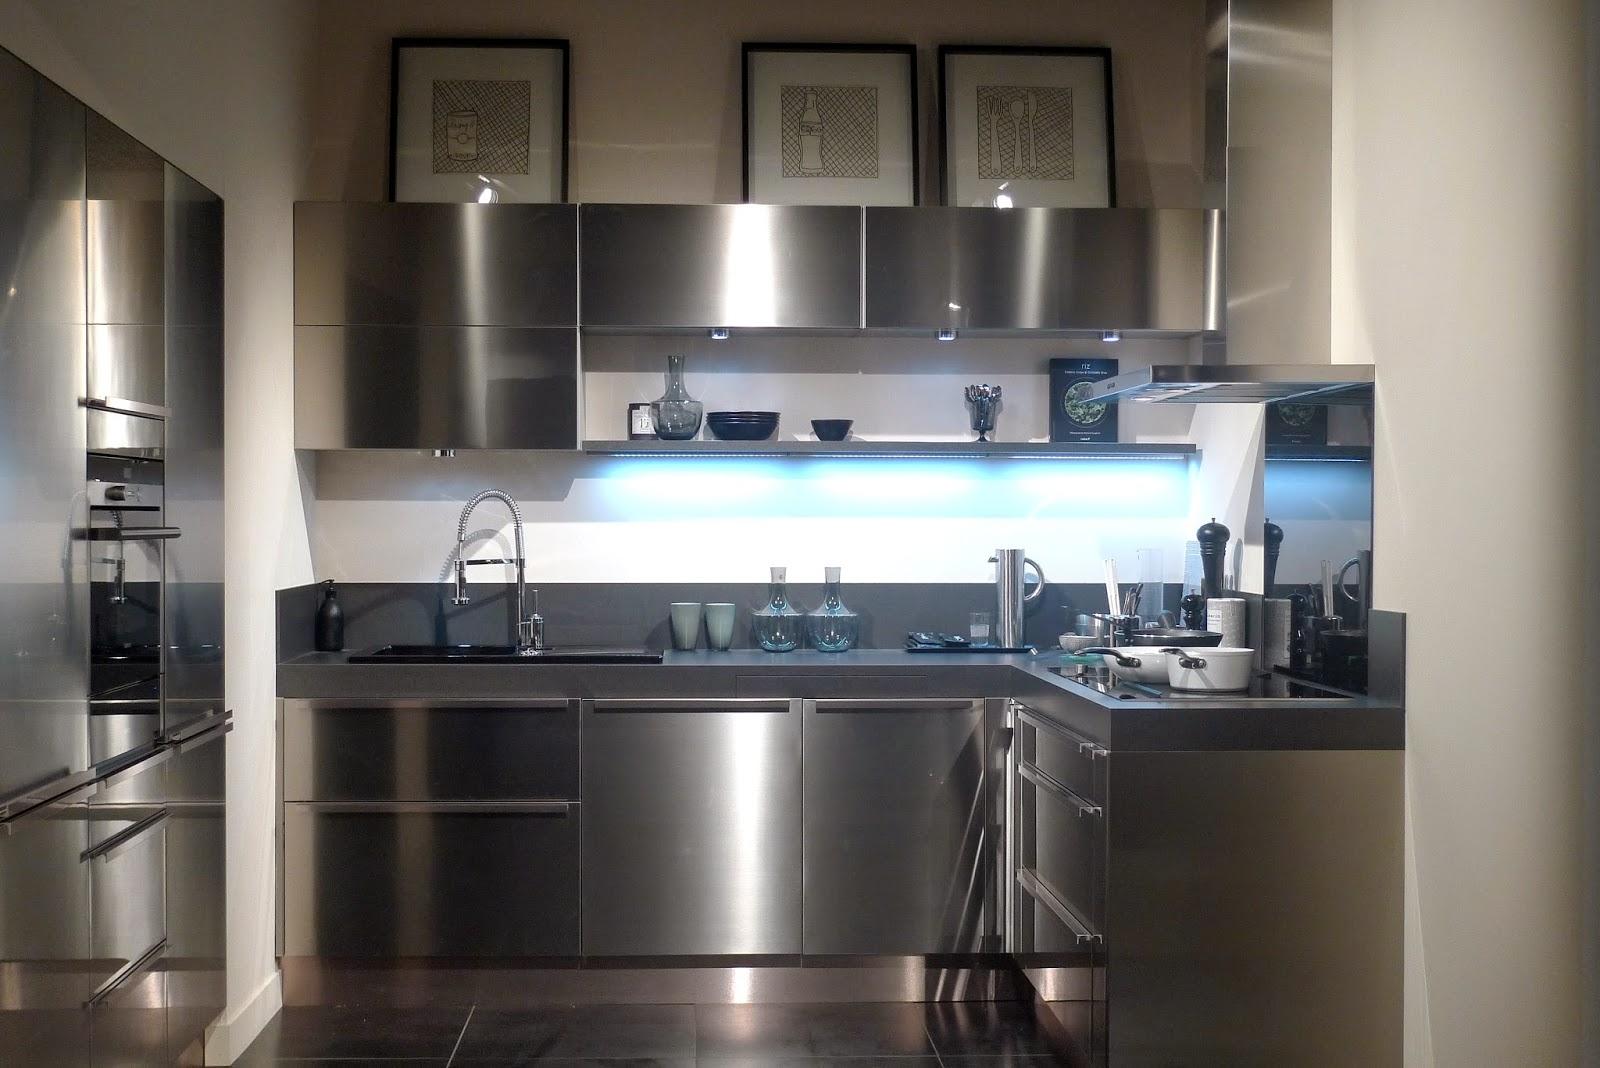 lapeyre et fr d ric antonla d nicheuse. Black Bedroom Furniture Sets. Home Design Ideas